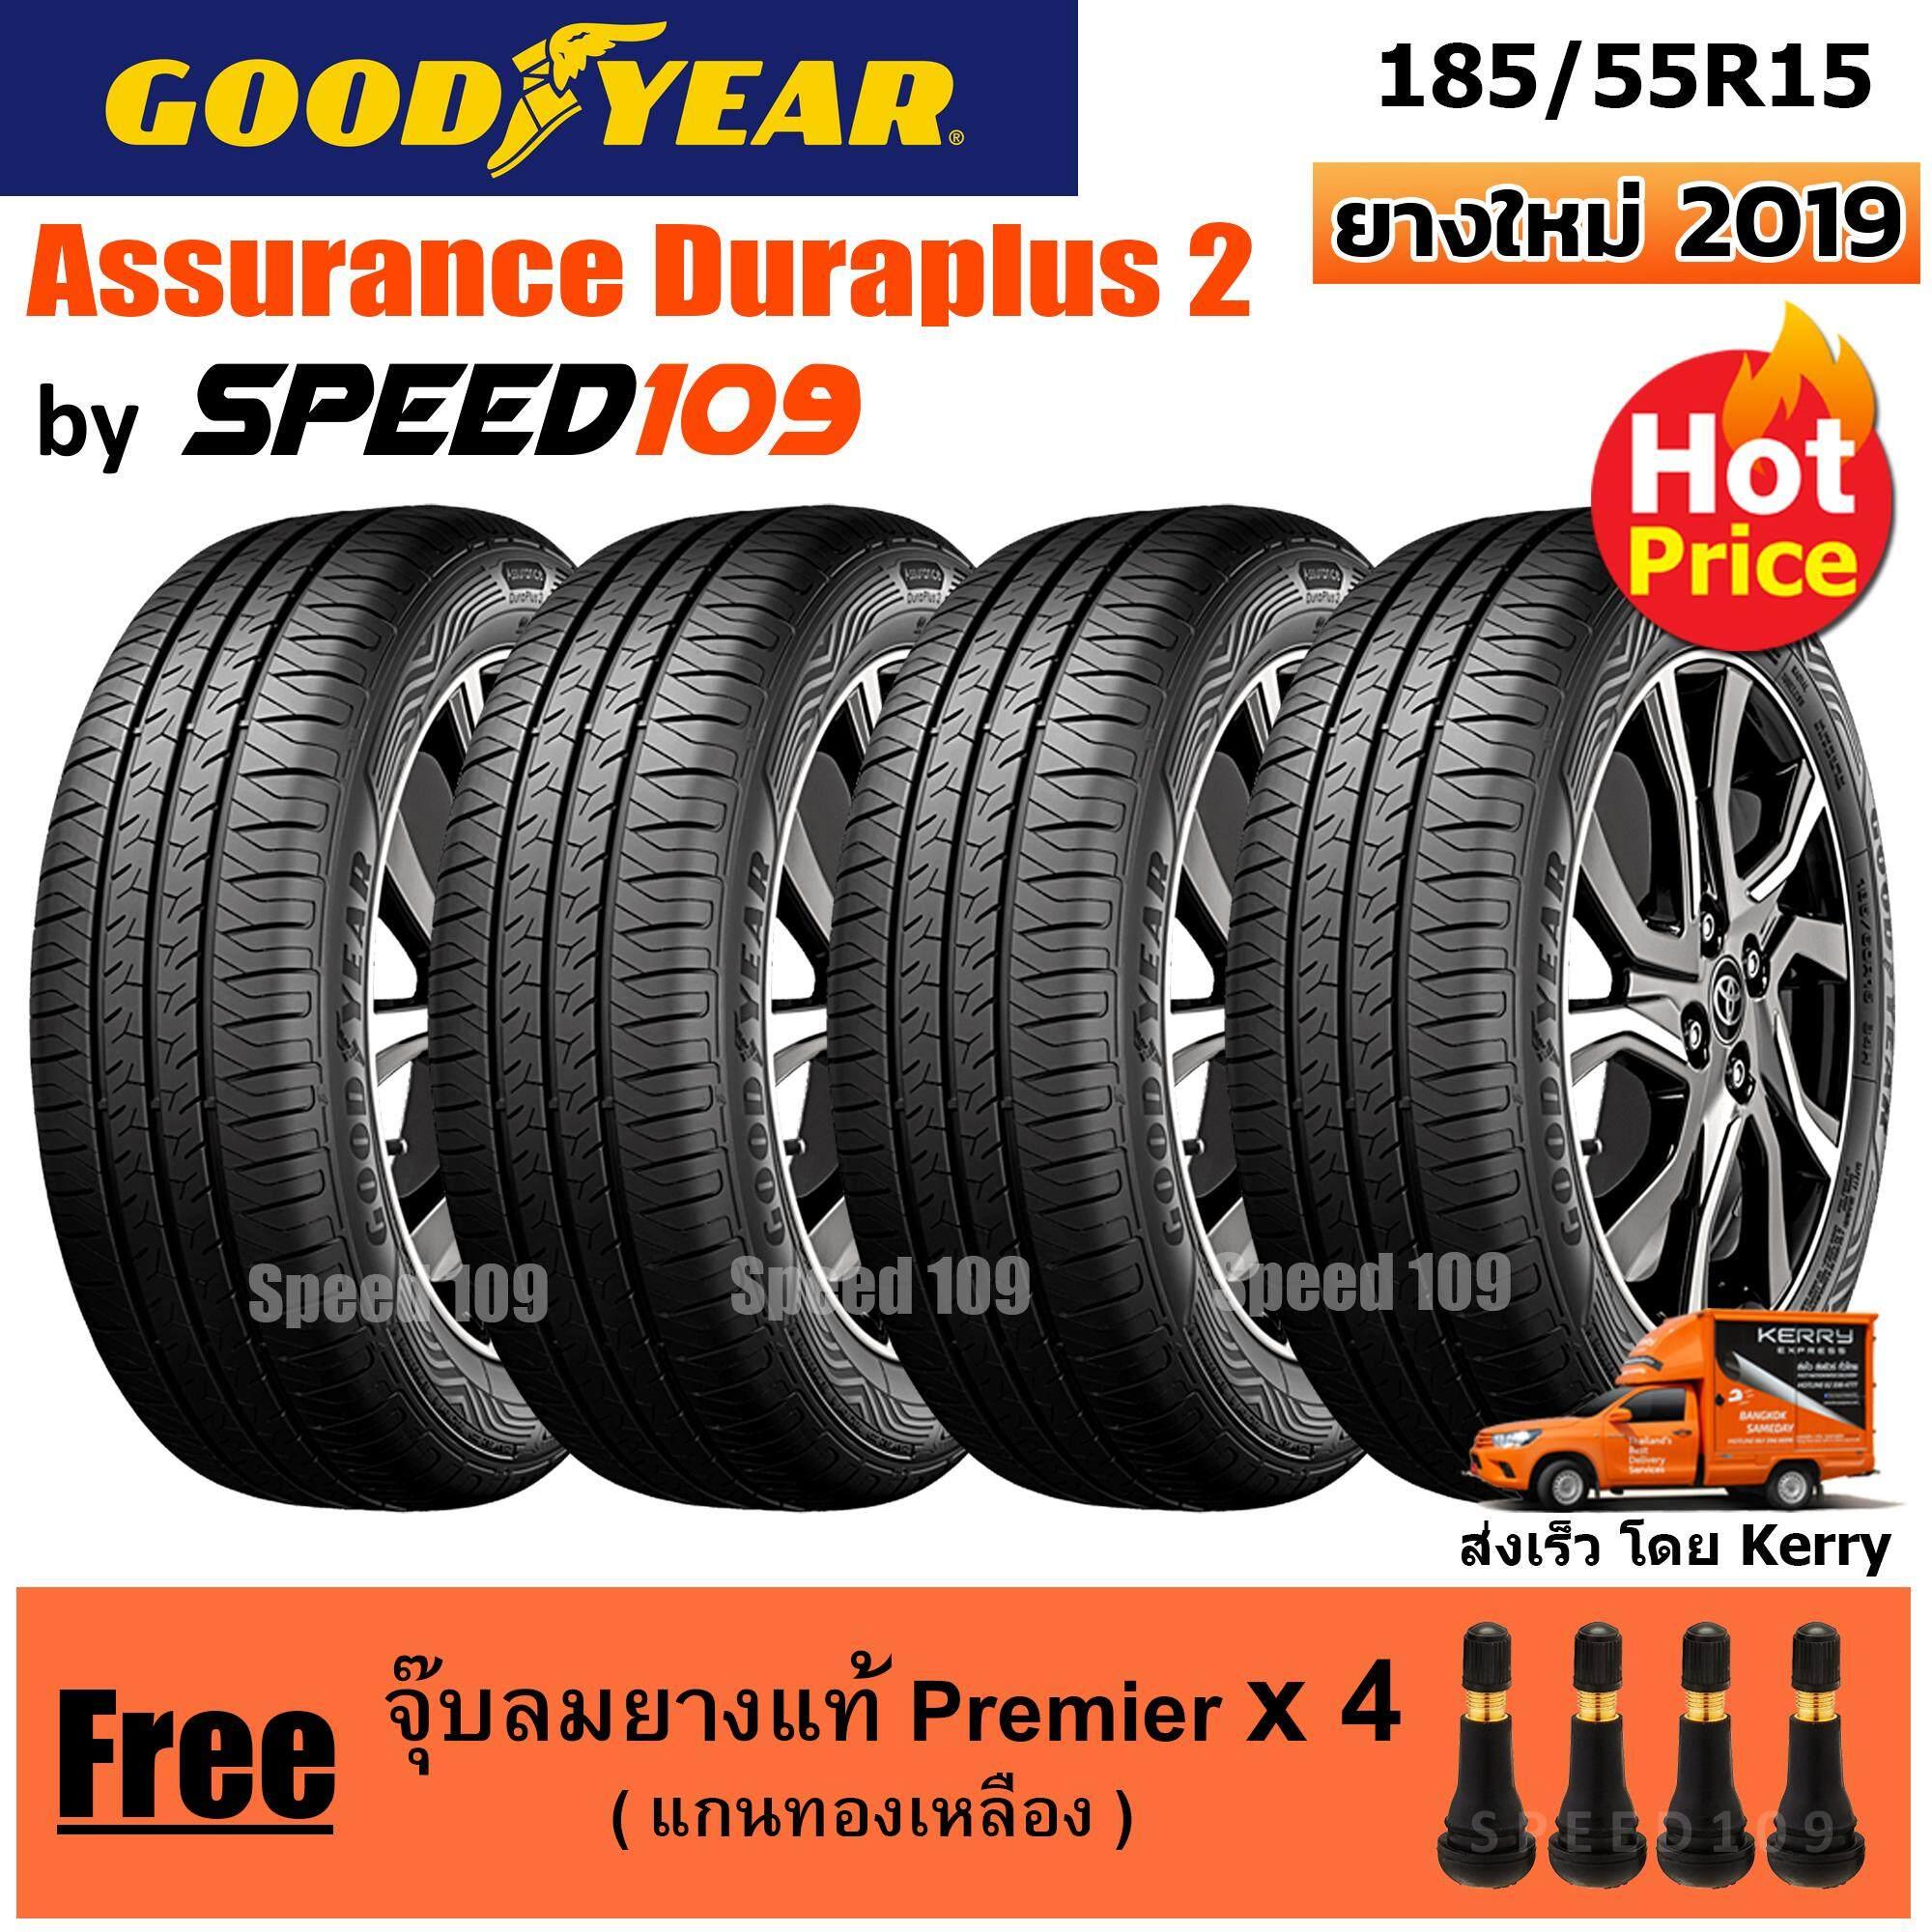 ประกันภัย รถยนต์ แบบ ผ่อน ได้ เพชรบูรณ์ GOODYEAR  ยางรถยนต์ ขอบ 15 ขนาด 185/55R15 รุ่น Assurance Duraplus 2 - 4 เส้น (ปี 2019)